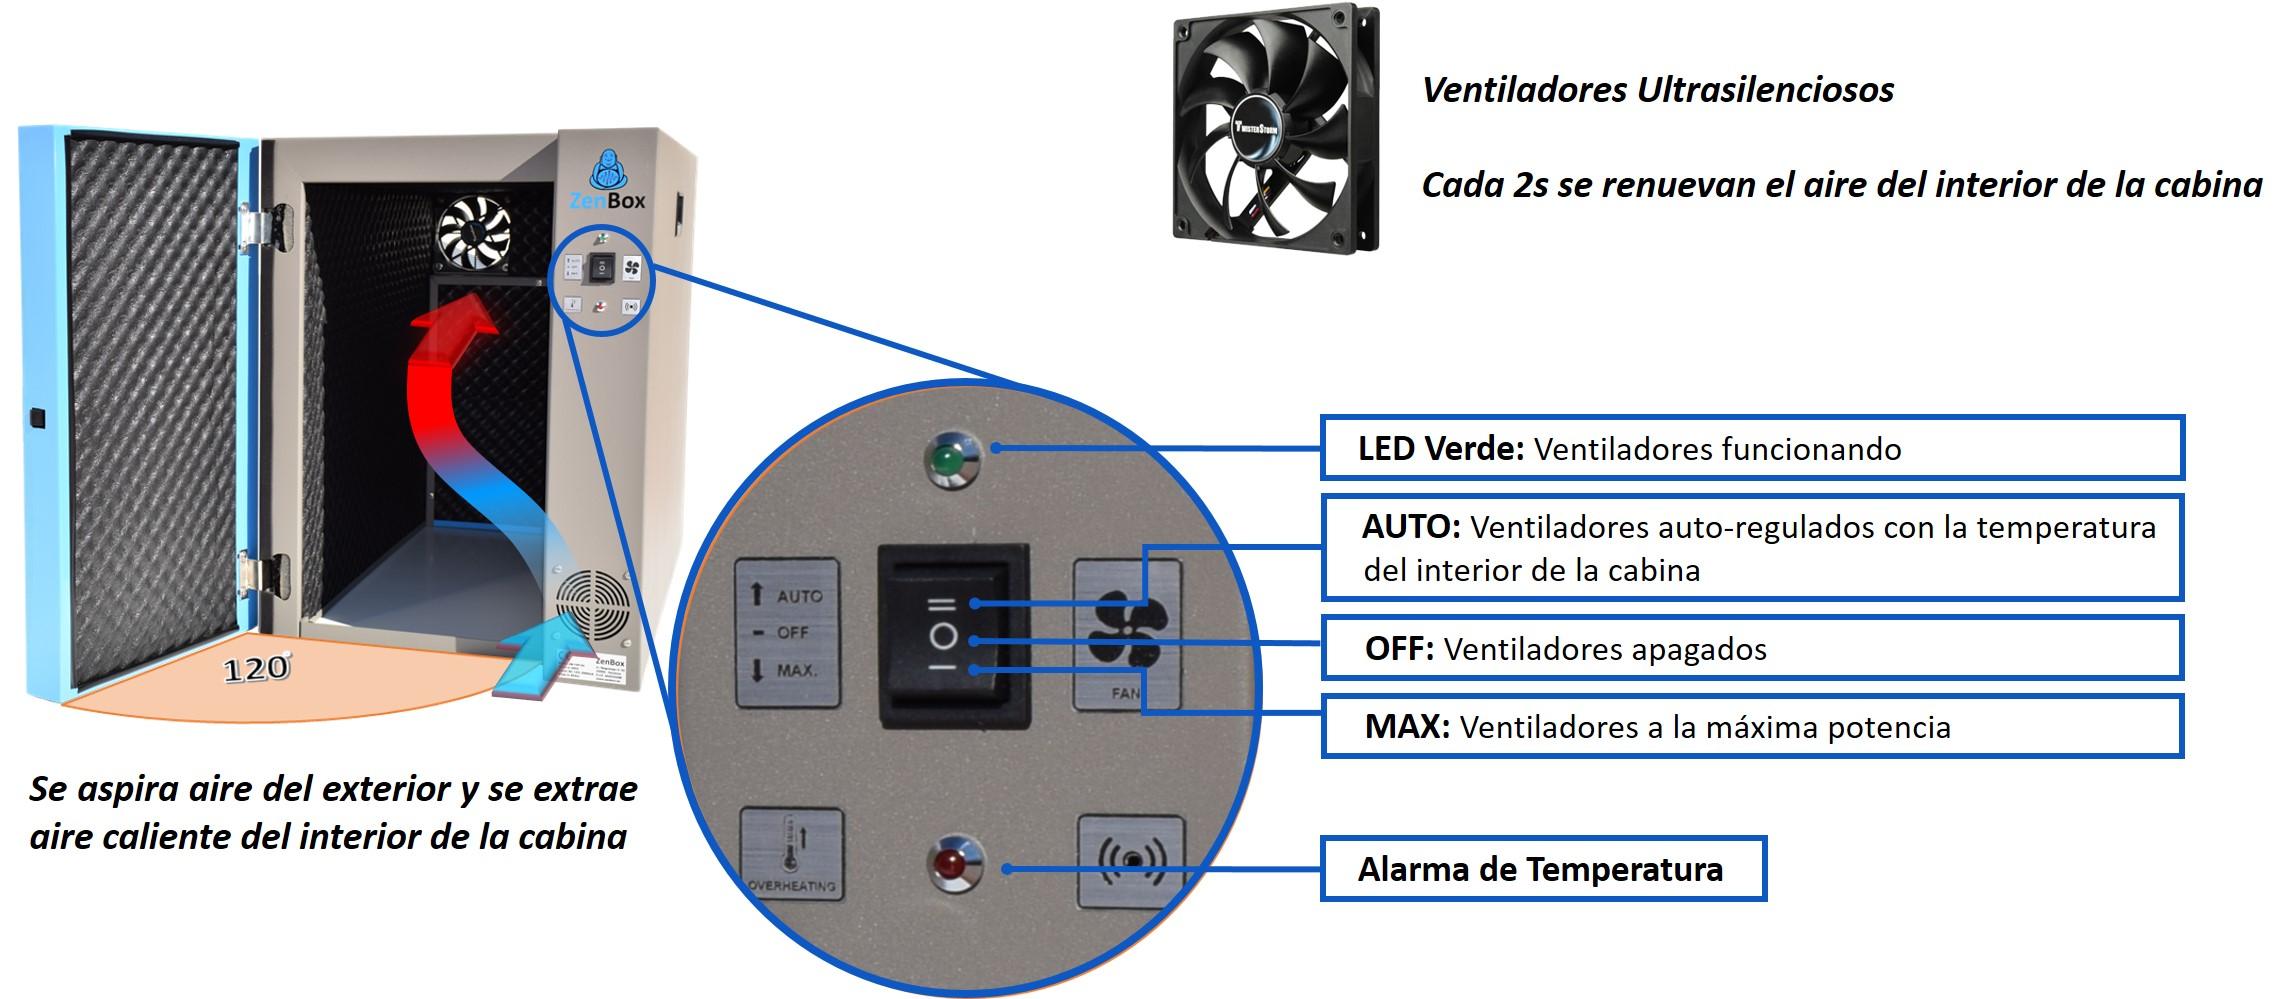 sistemas de control encendido-apagado y alarma de temperatura